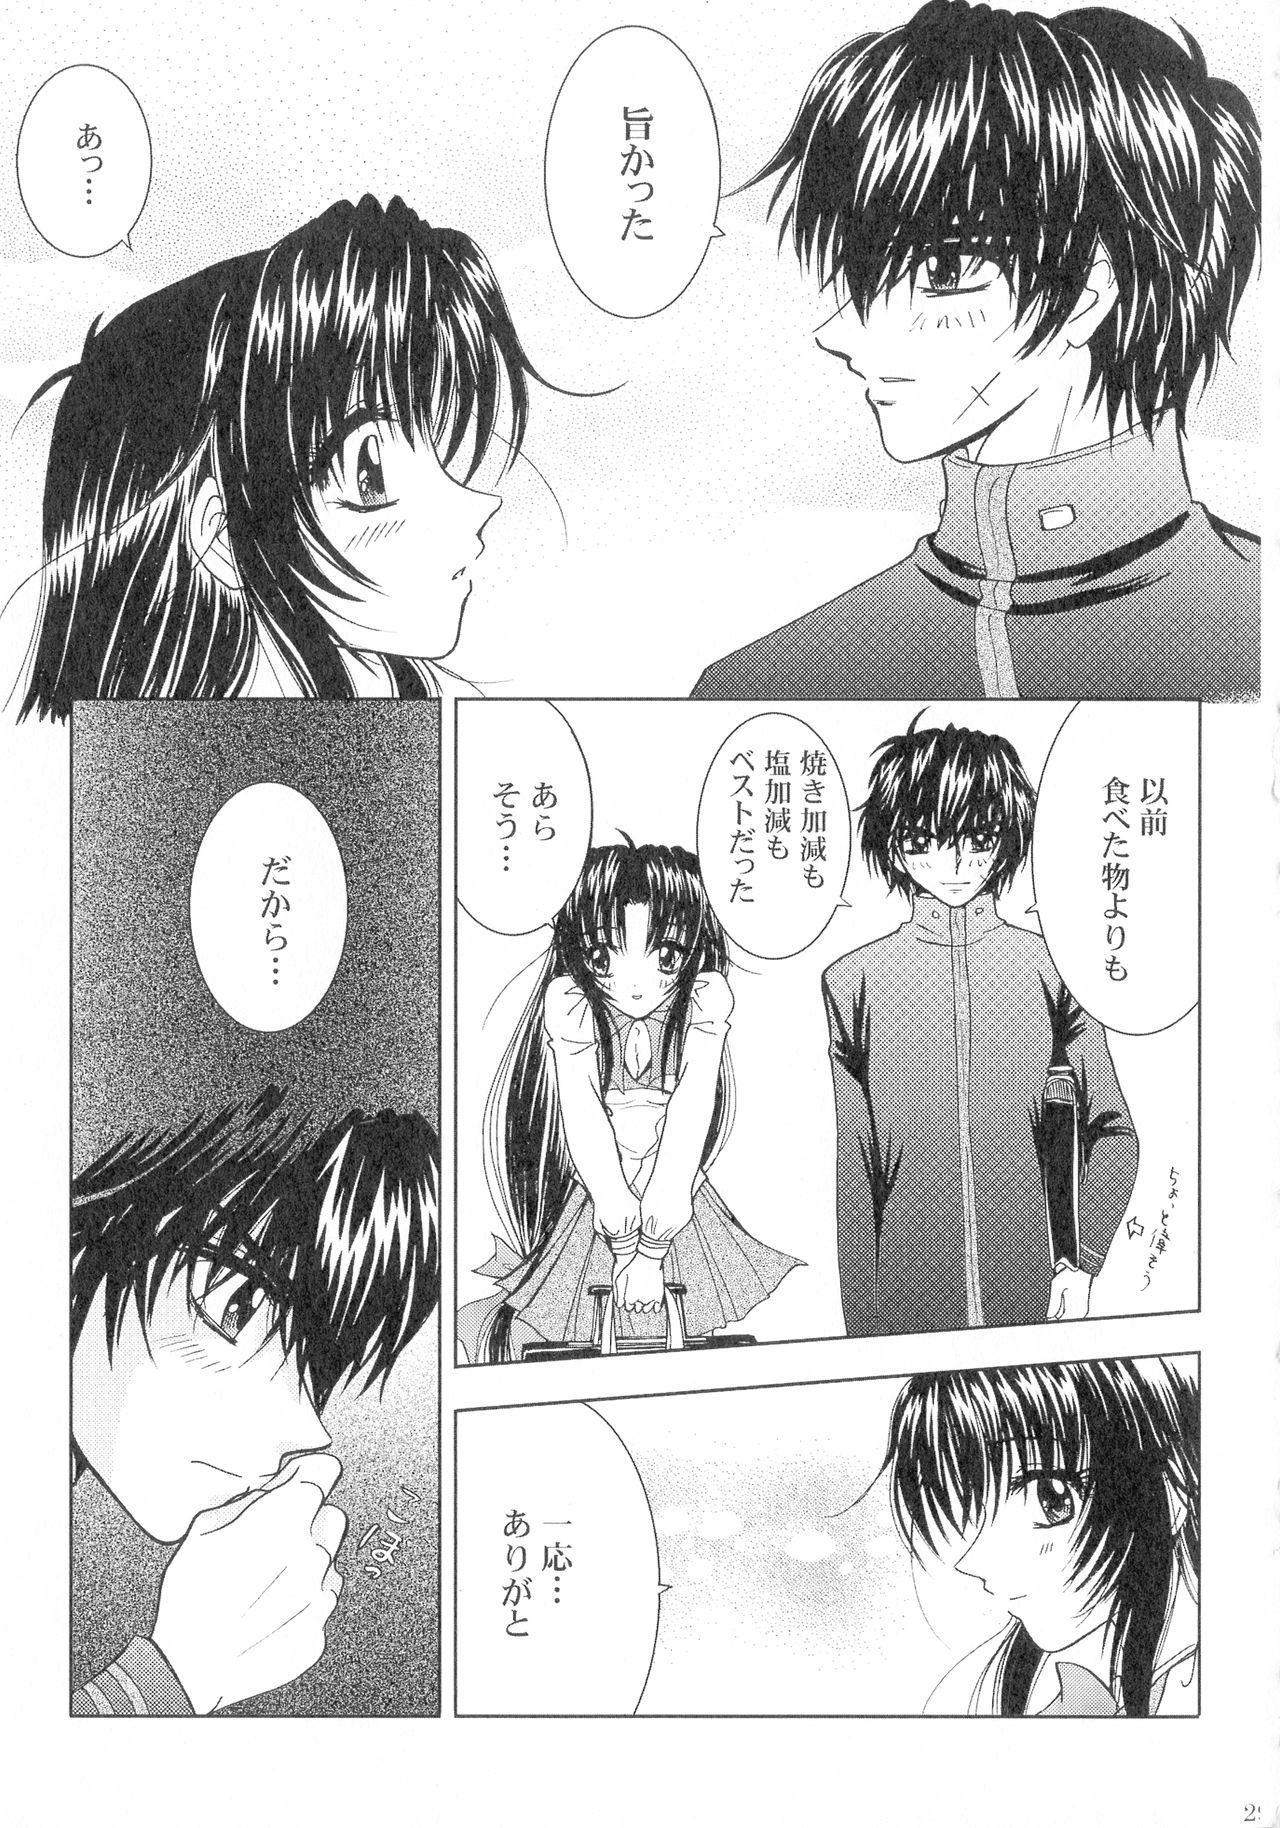 SEXY PANIC Sairokushuu Vol. 4 29